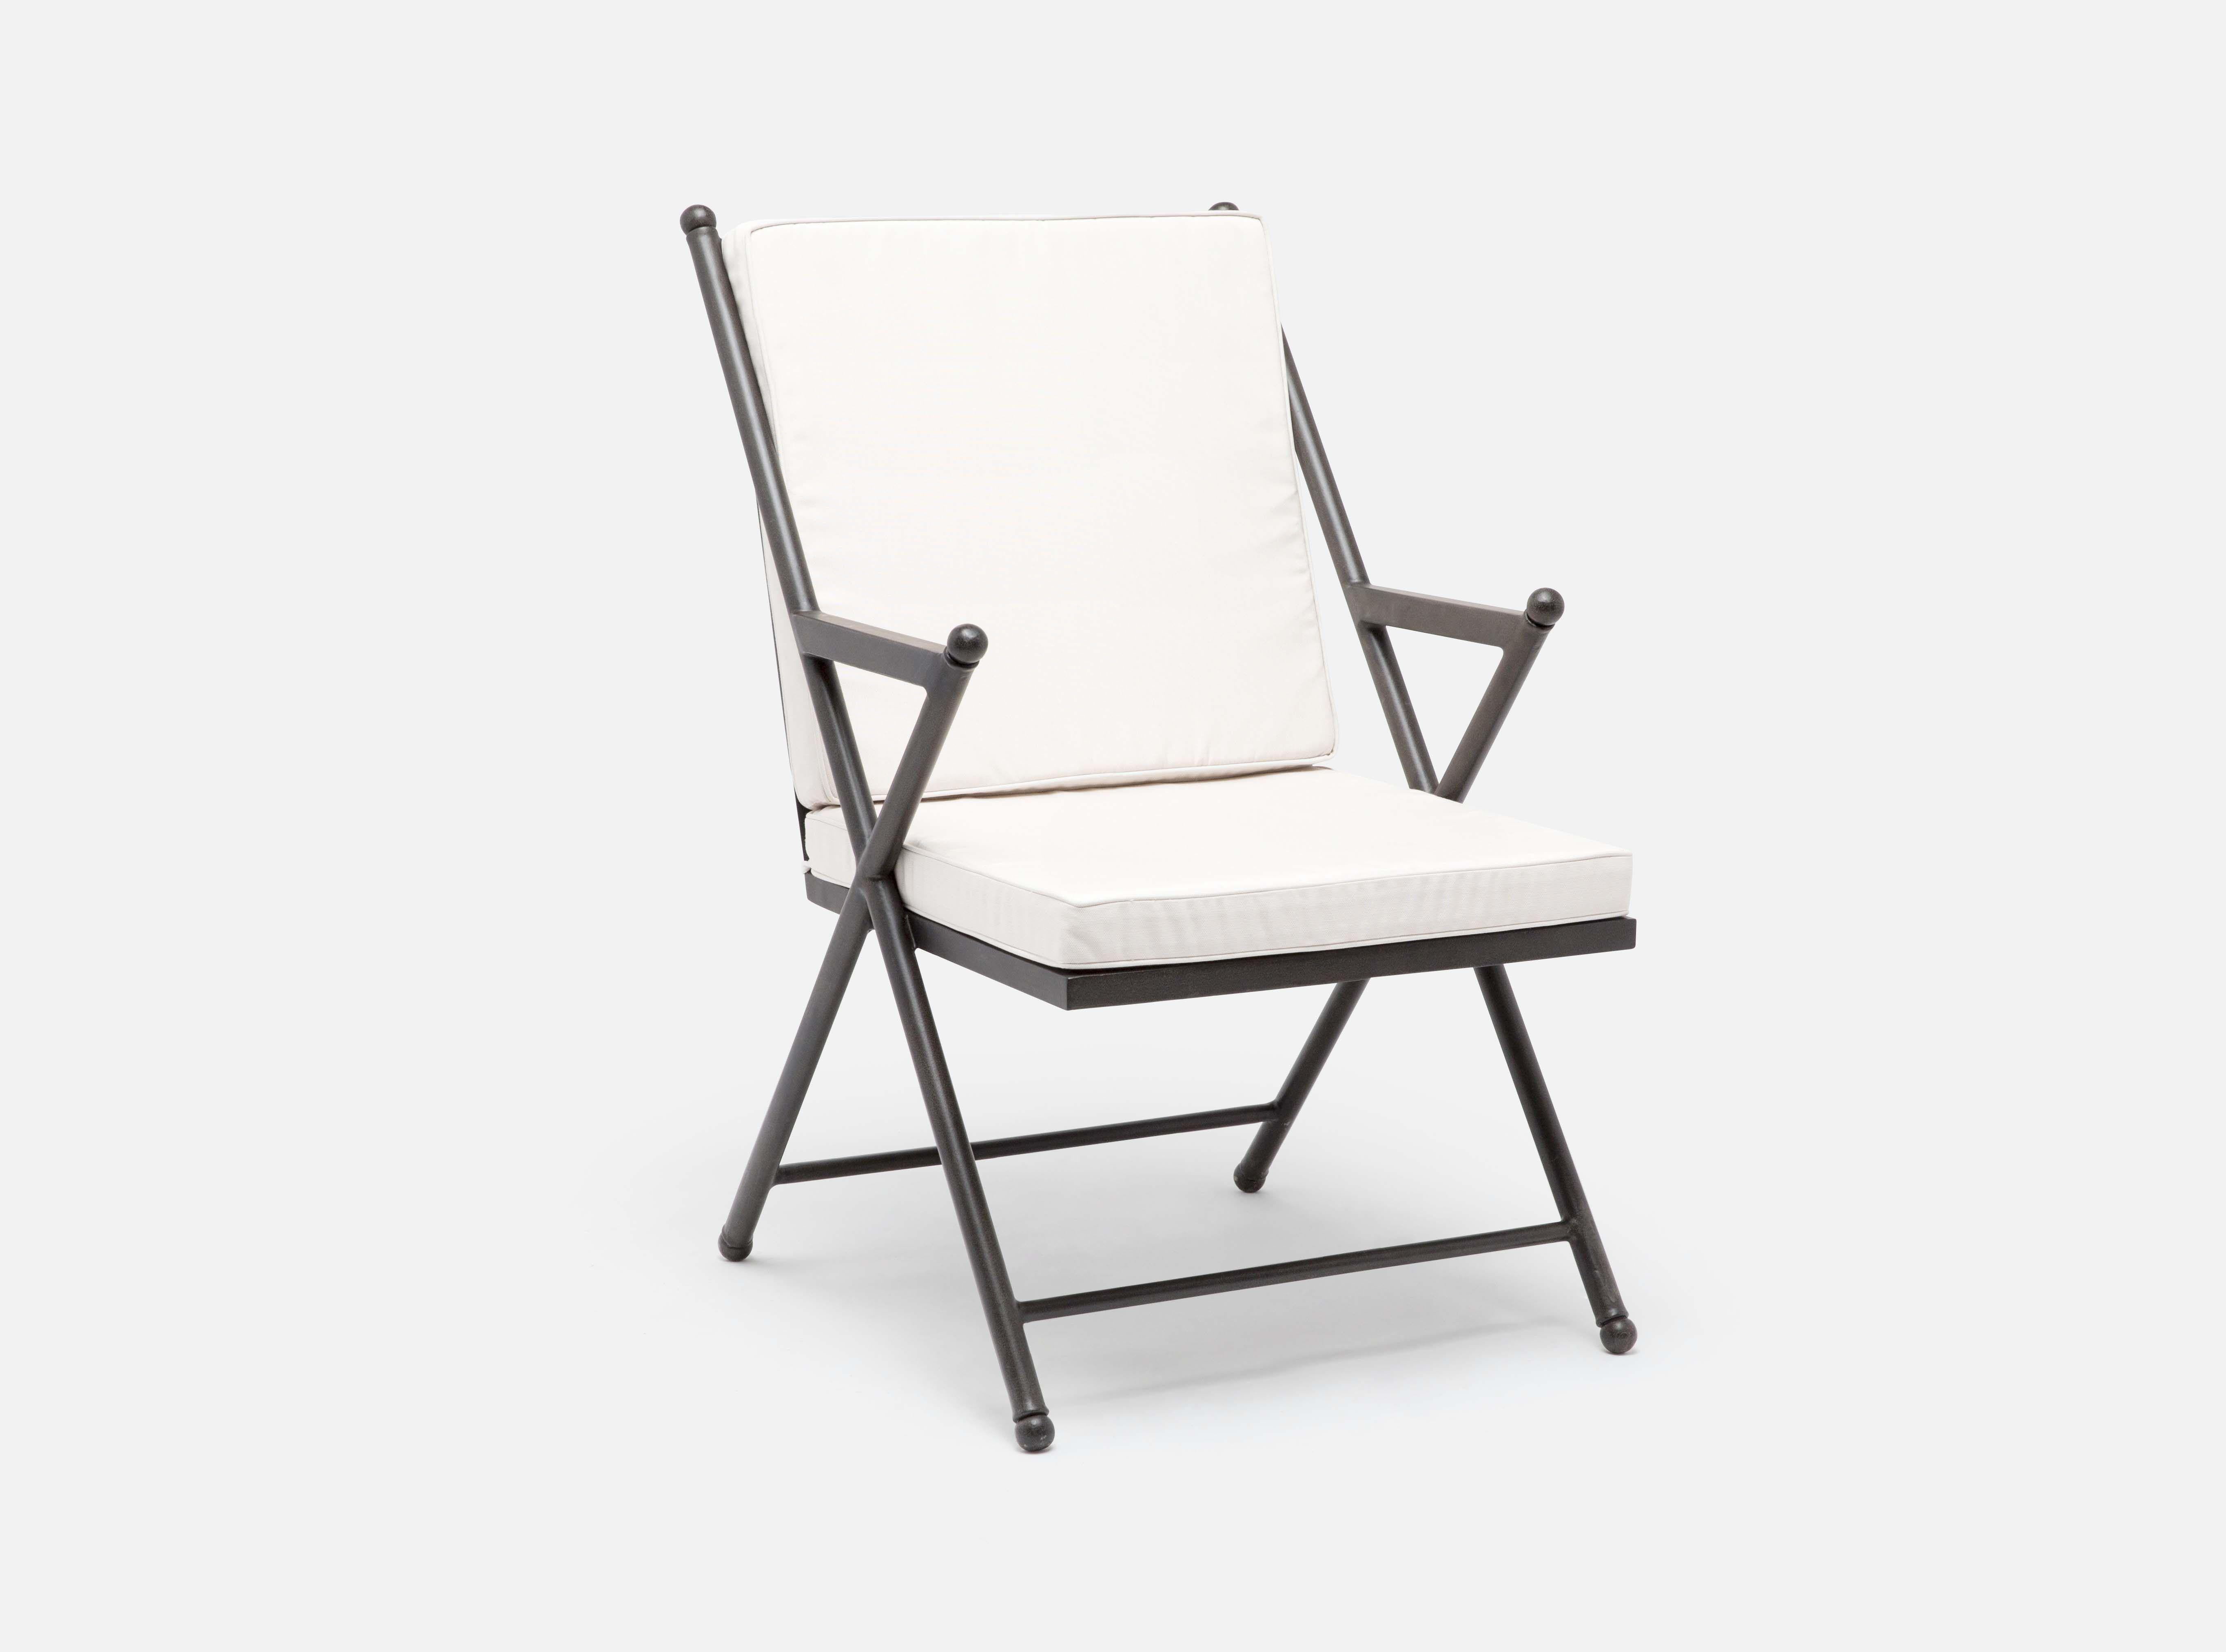 balta chair outdoor pinterest